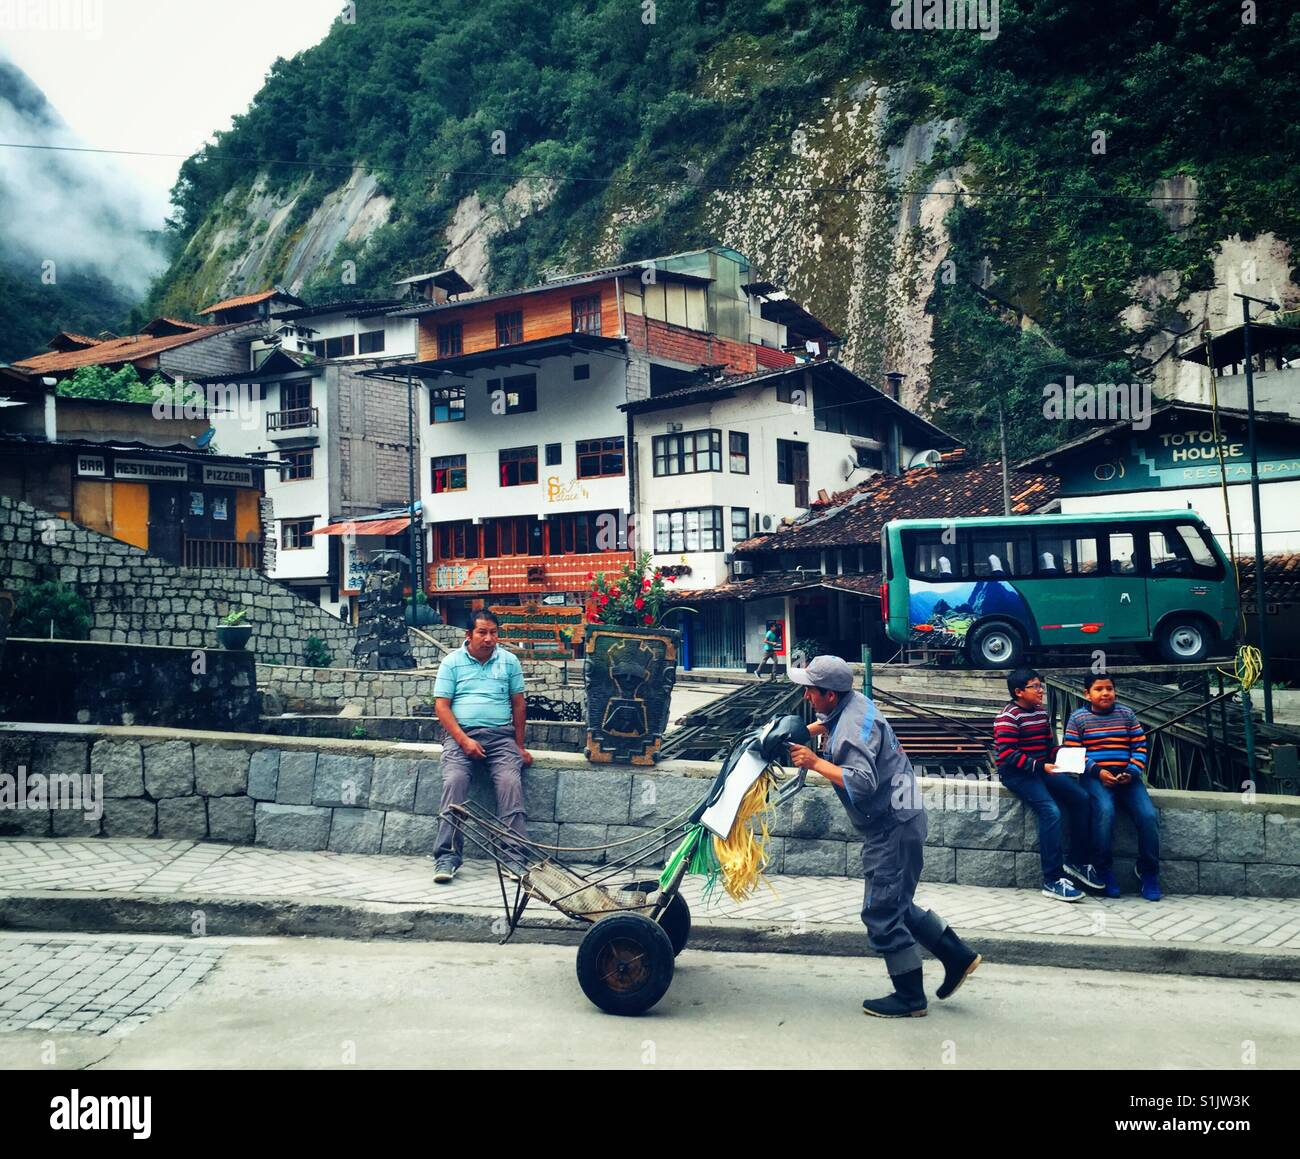 Täglichen Lebens vergeht auf den Straßen von Aguas Calientes, dem Startpunkt für Machu Picchu, Peru Stockbild